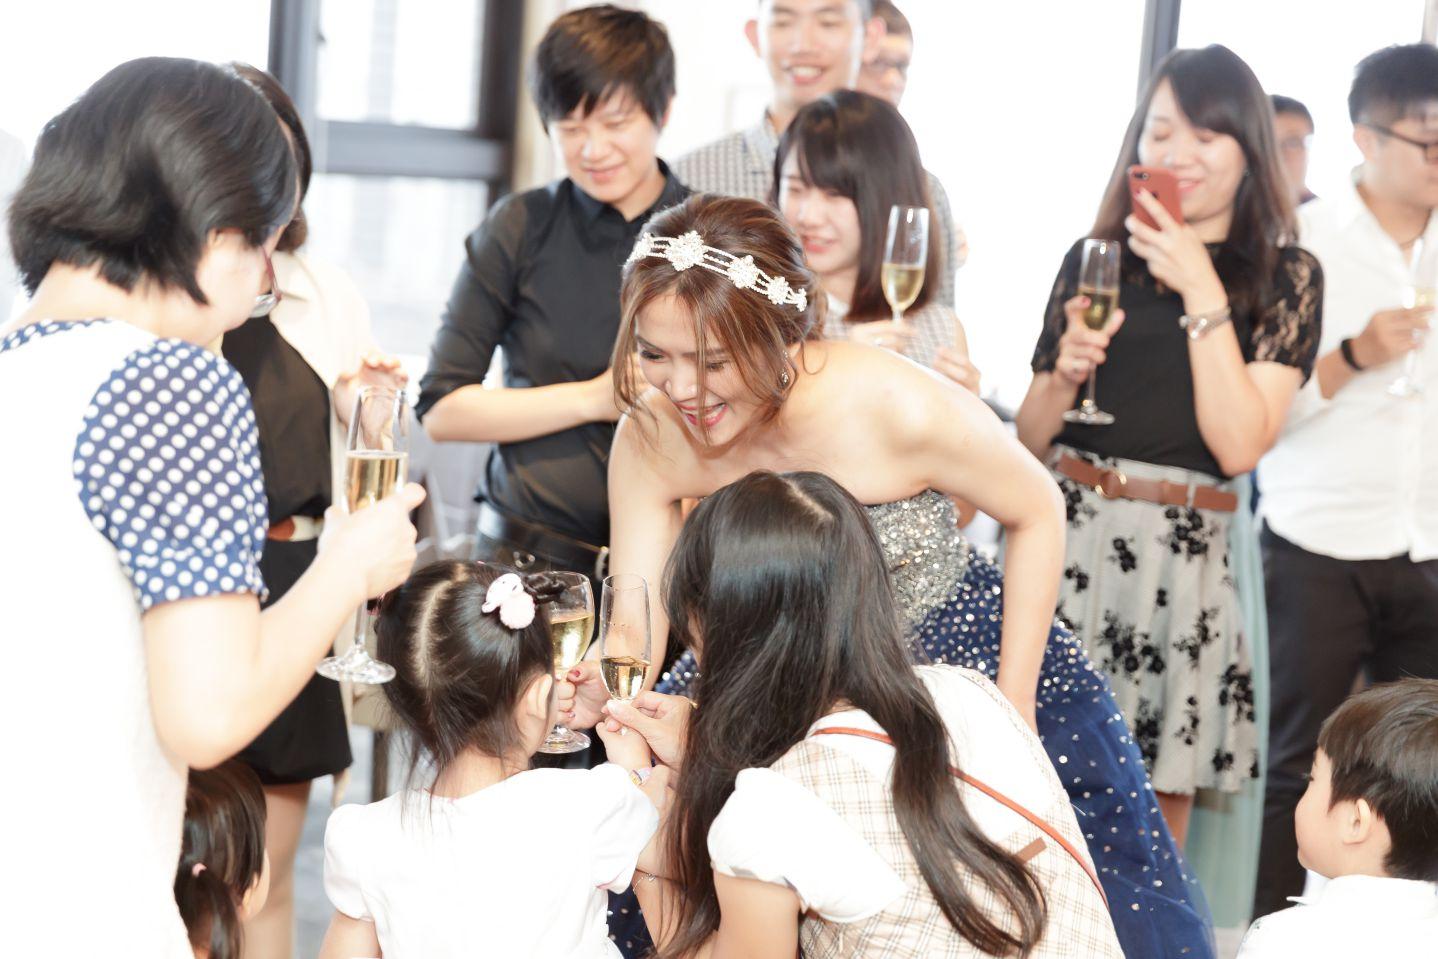 婚禮攝影-婚禮紀錄-Keith&Lia@村卻國際溫泉酒店-191